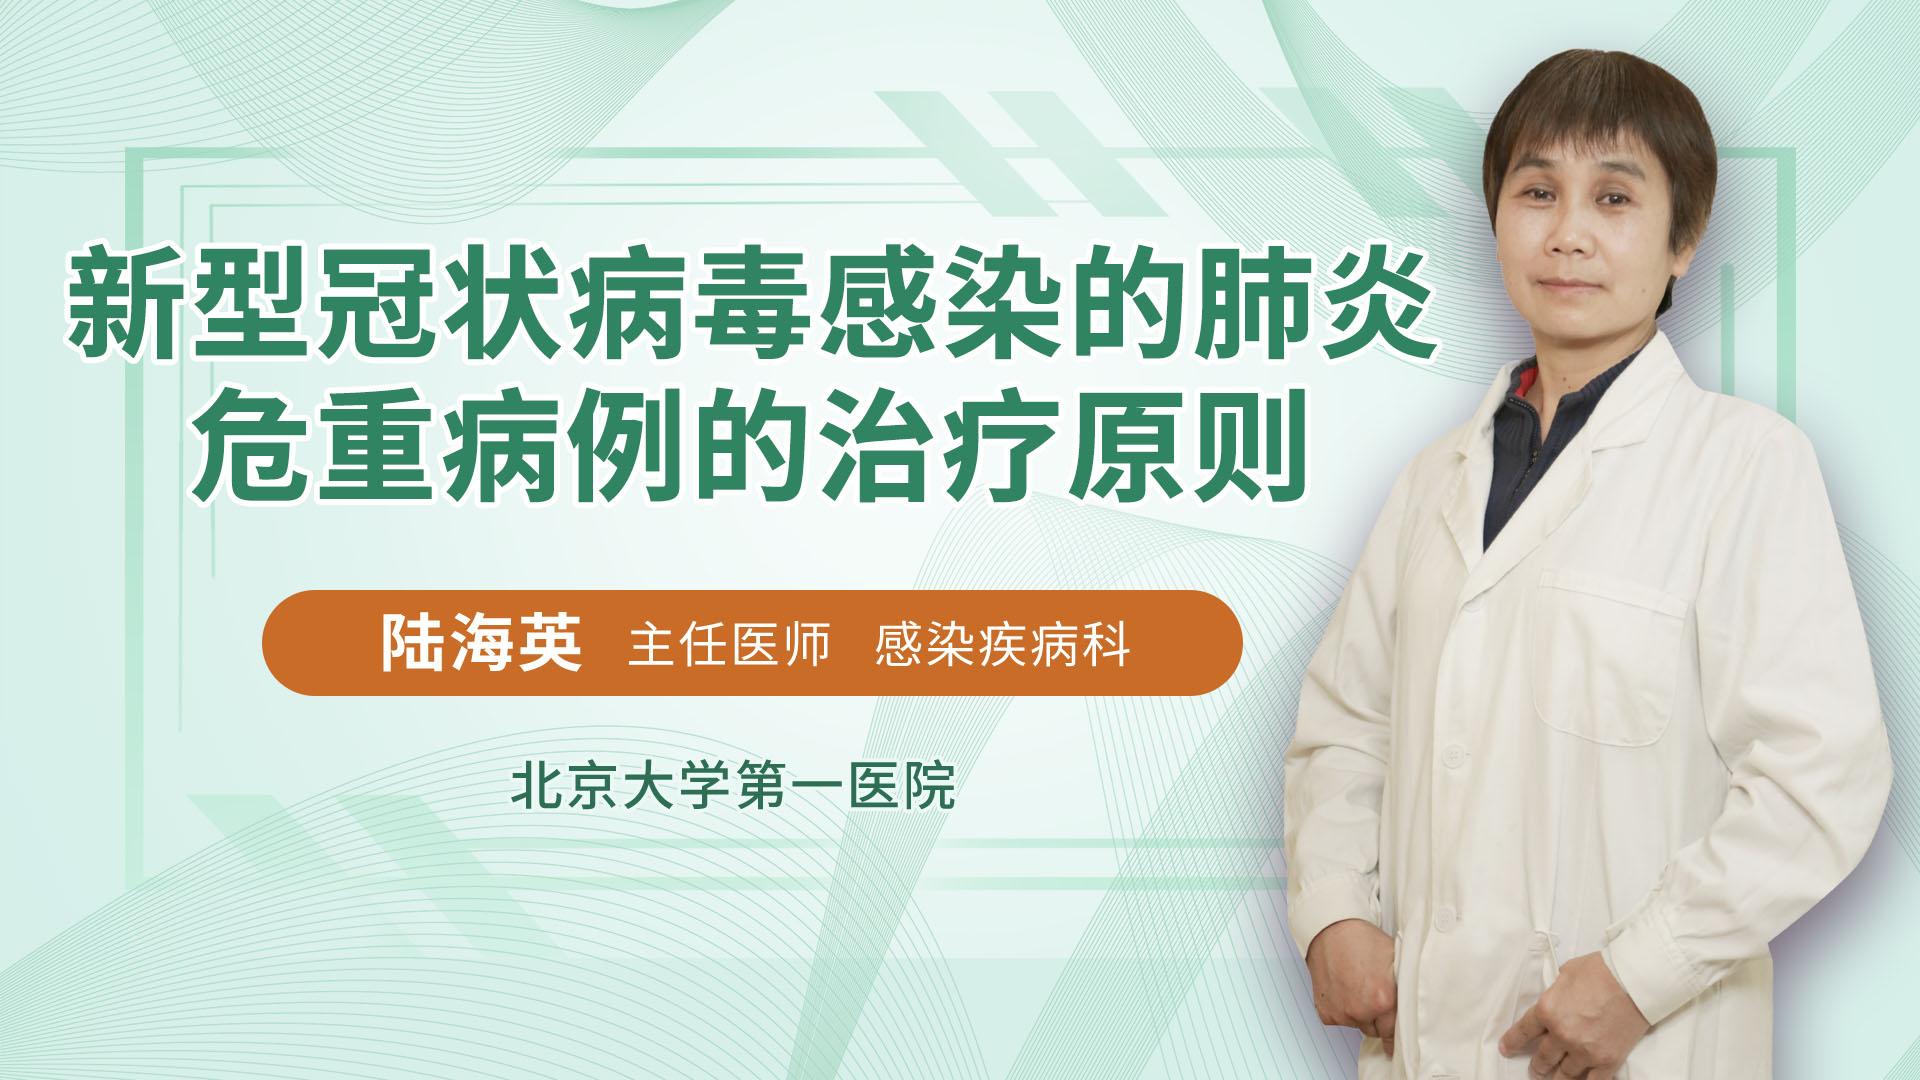 新型冠状病毒感染的肺炎危重病例的治疗原则